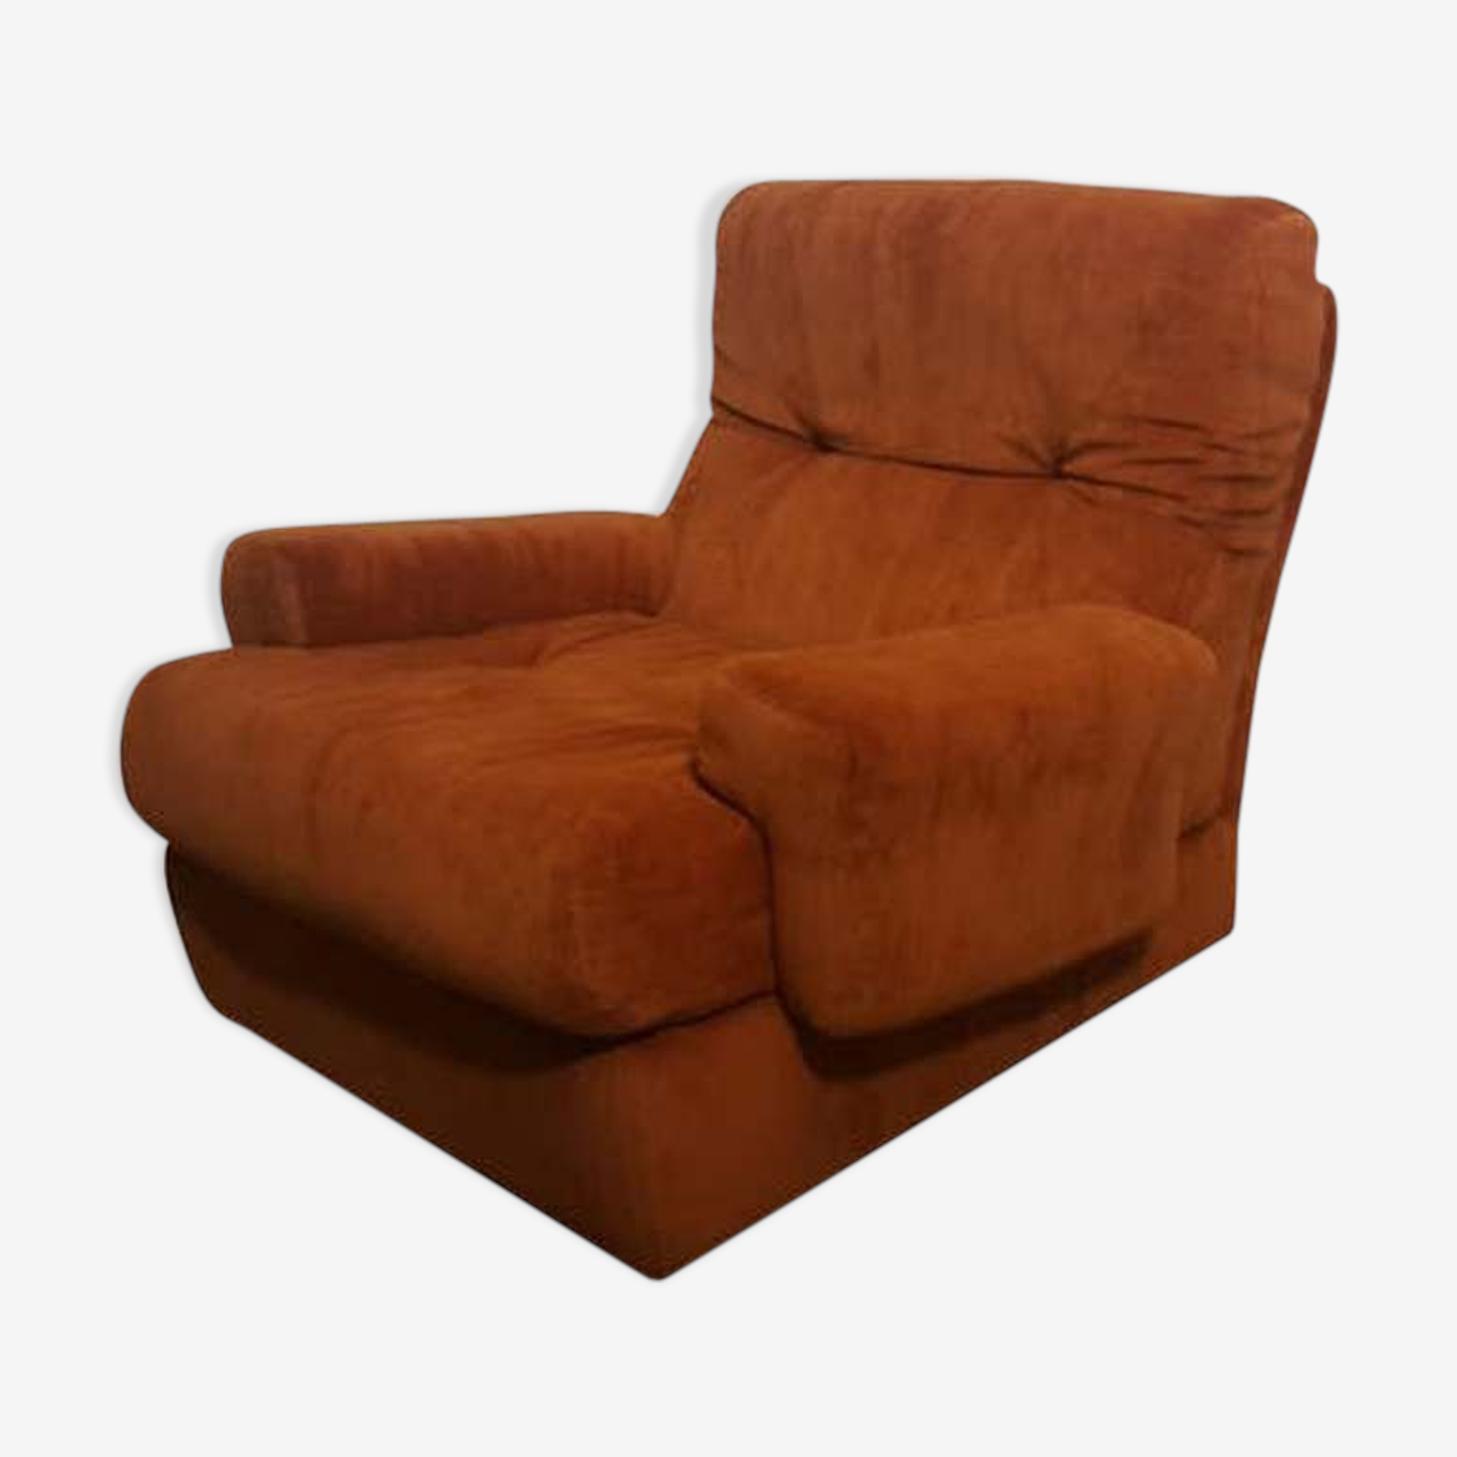 Steiner armchair